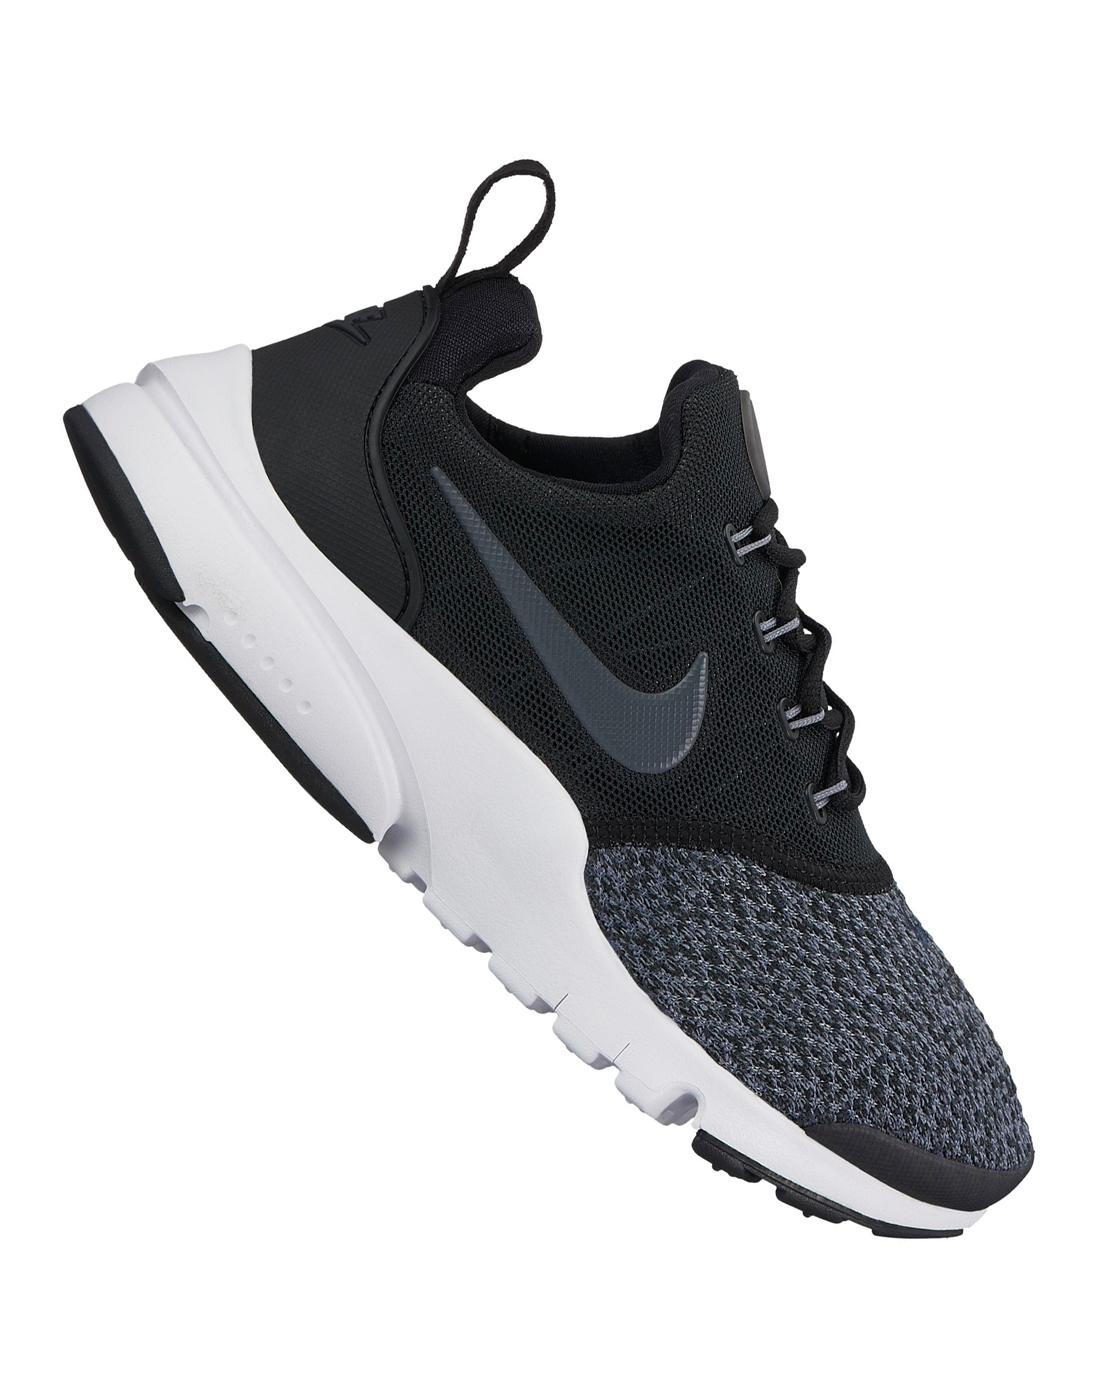 Nike Older Kids Presto Fly   Dark Grey